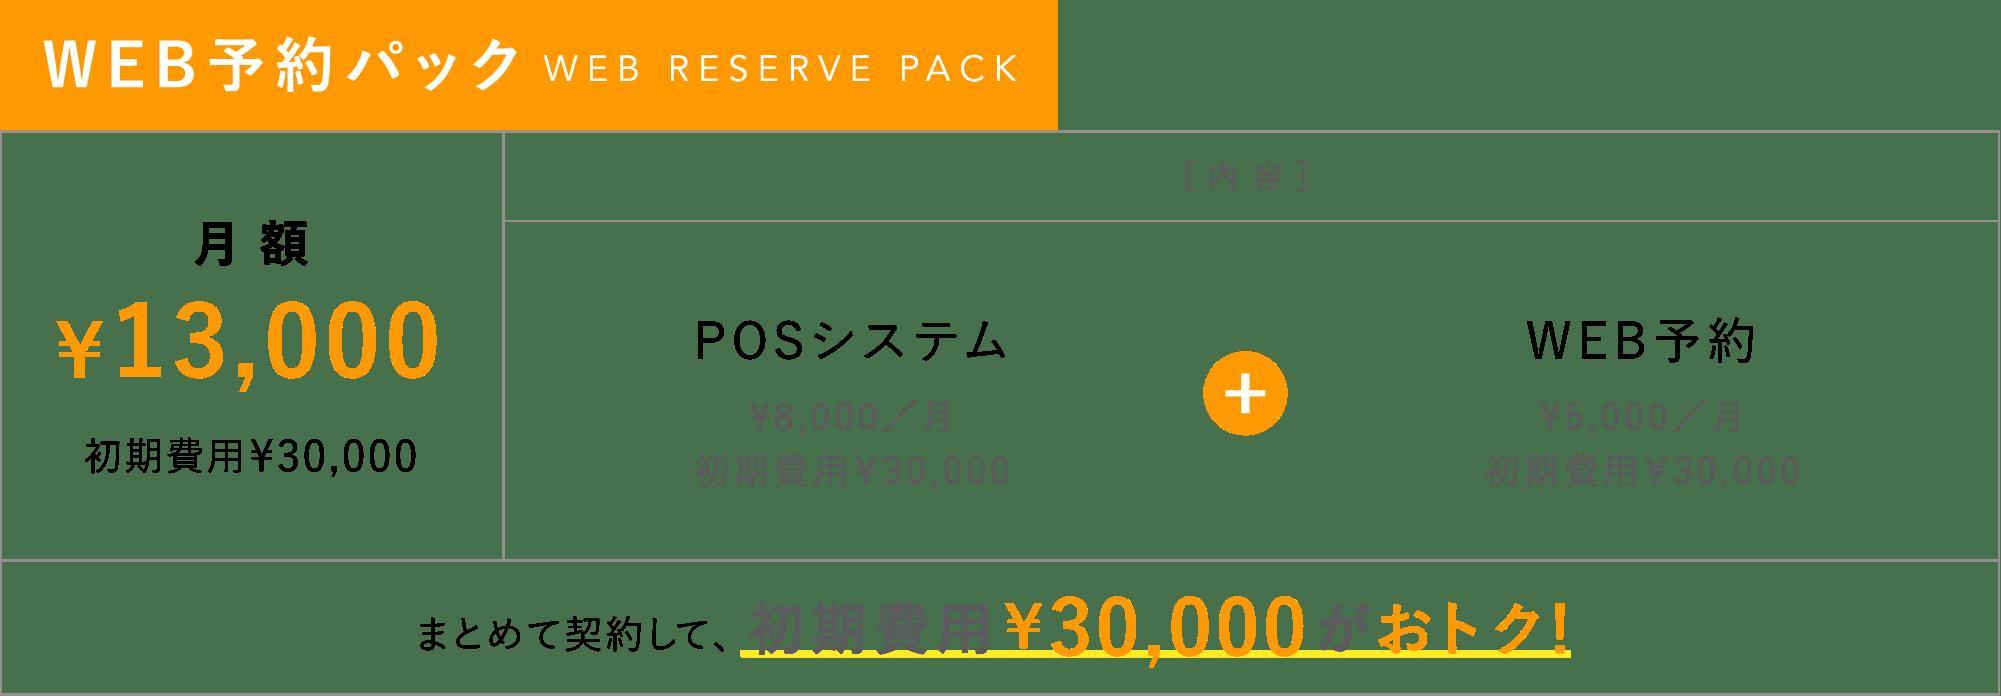 月額¥13,000 まとめて契約して初期費用¥30,000がおトク!